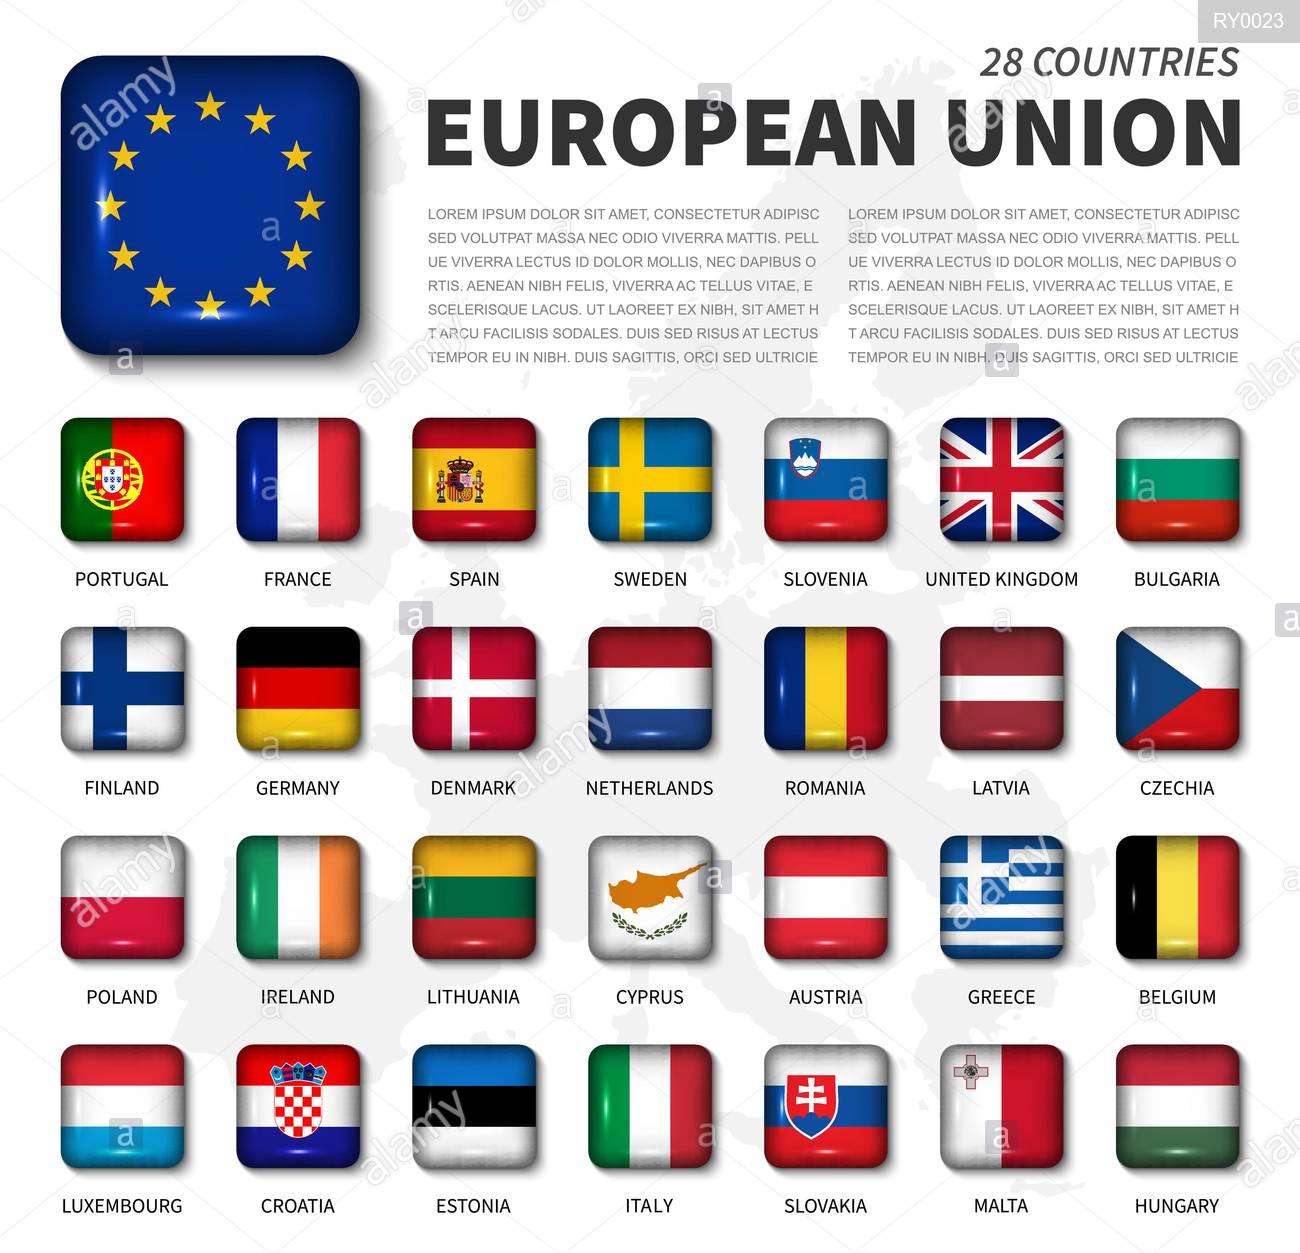 L'union Européenne ( Ue ) Et De L'appartenance D'un Drapeau concernant Carte Union Européenne 28 Pays